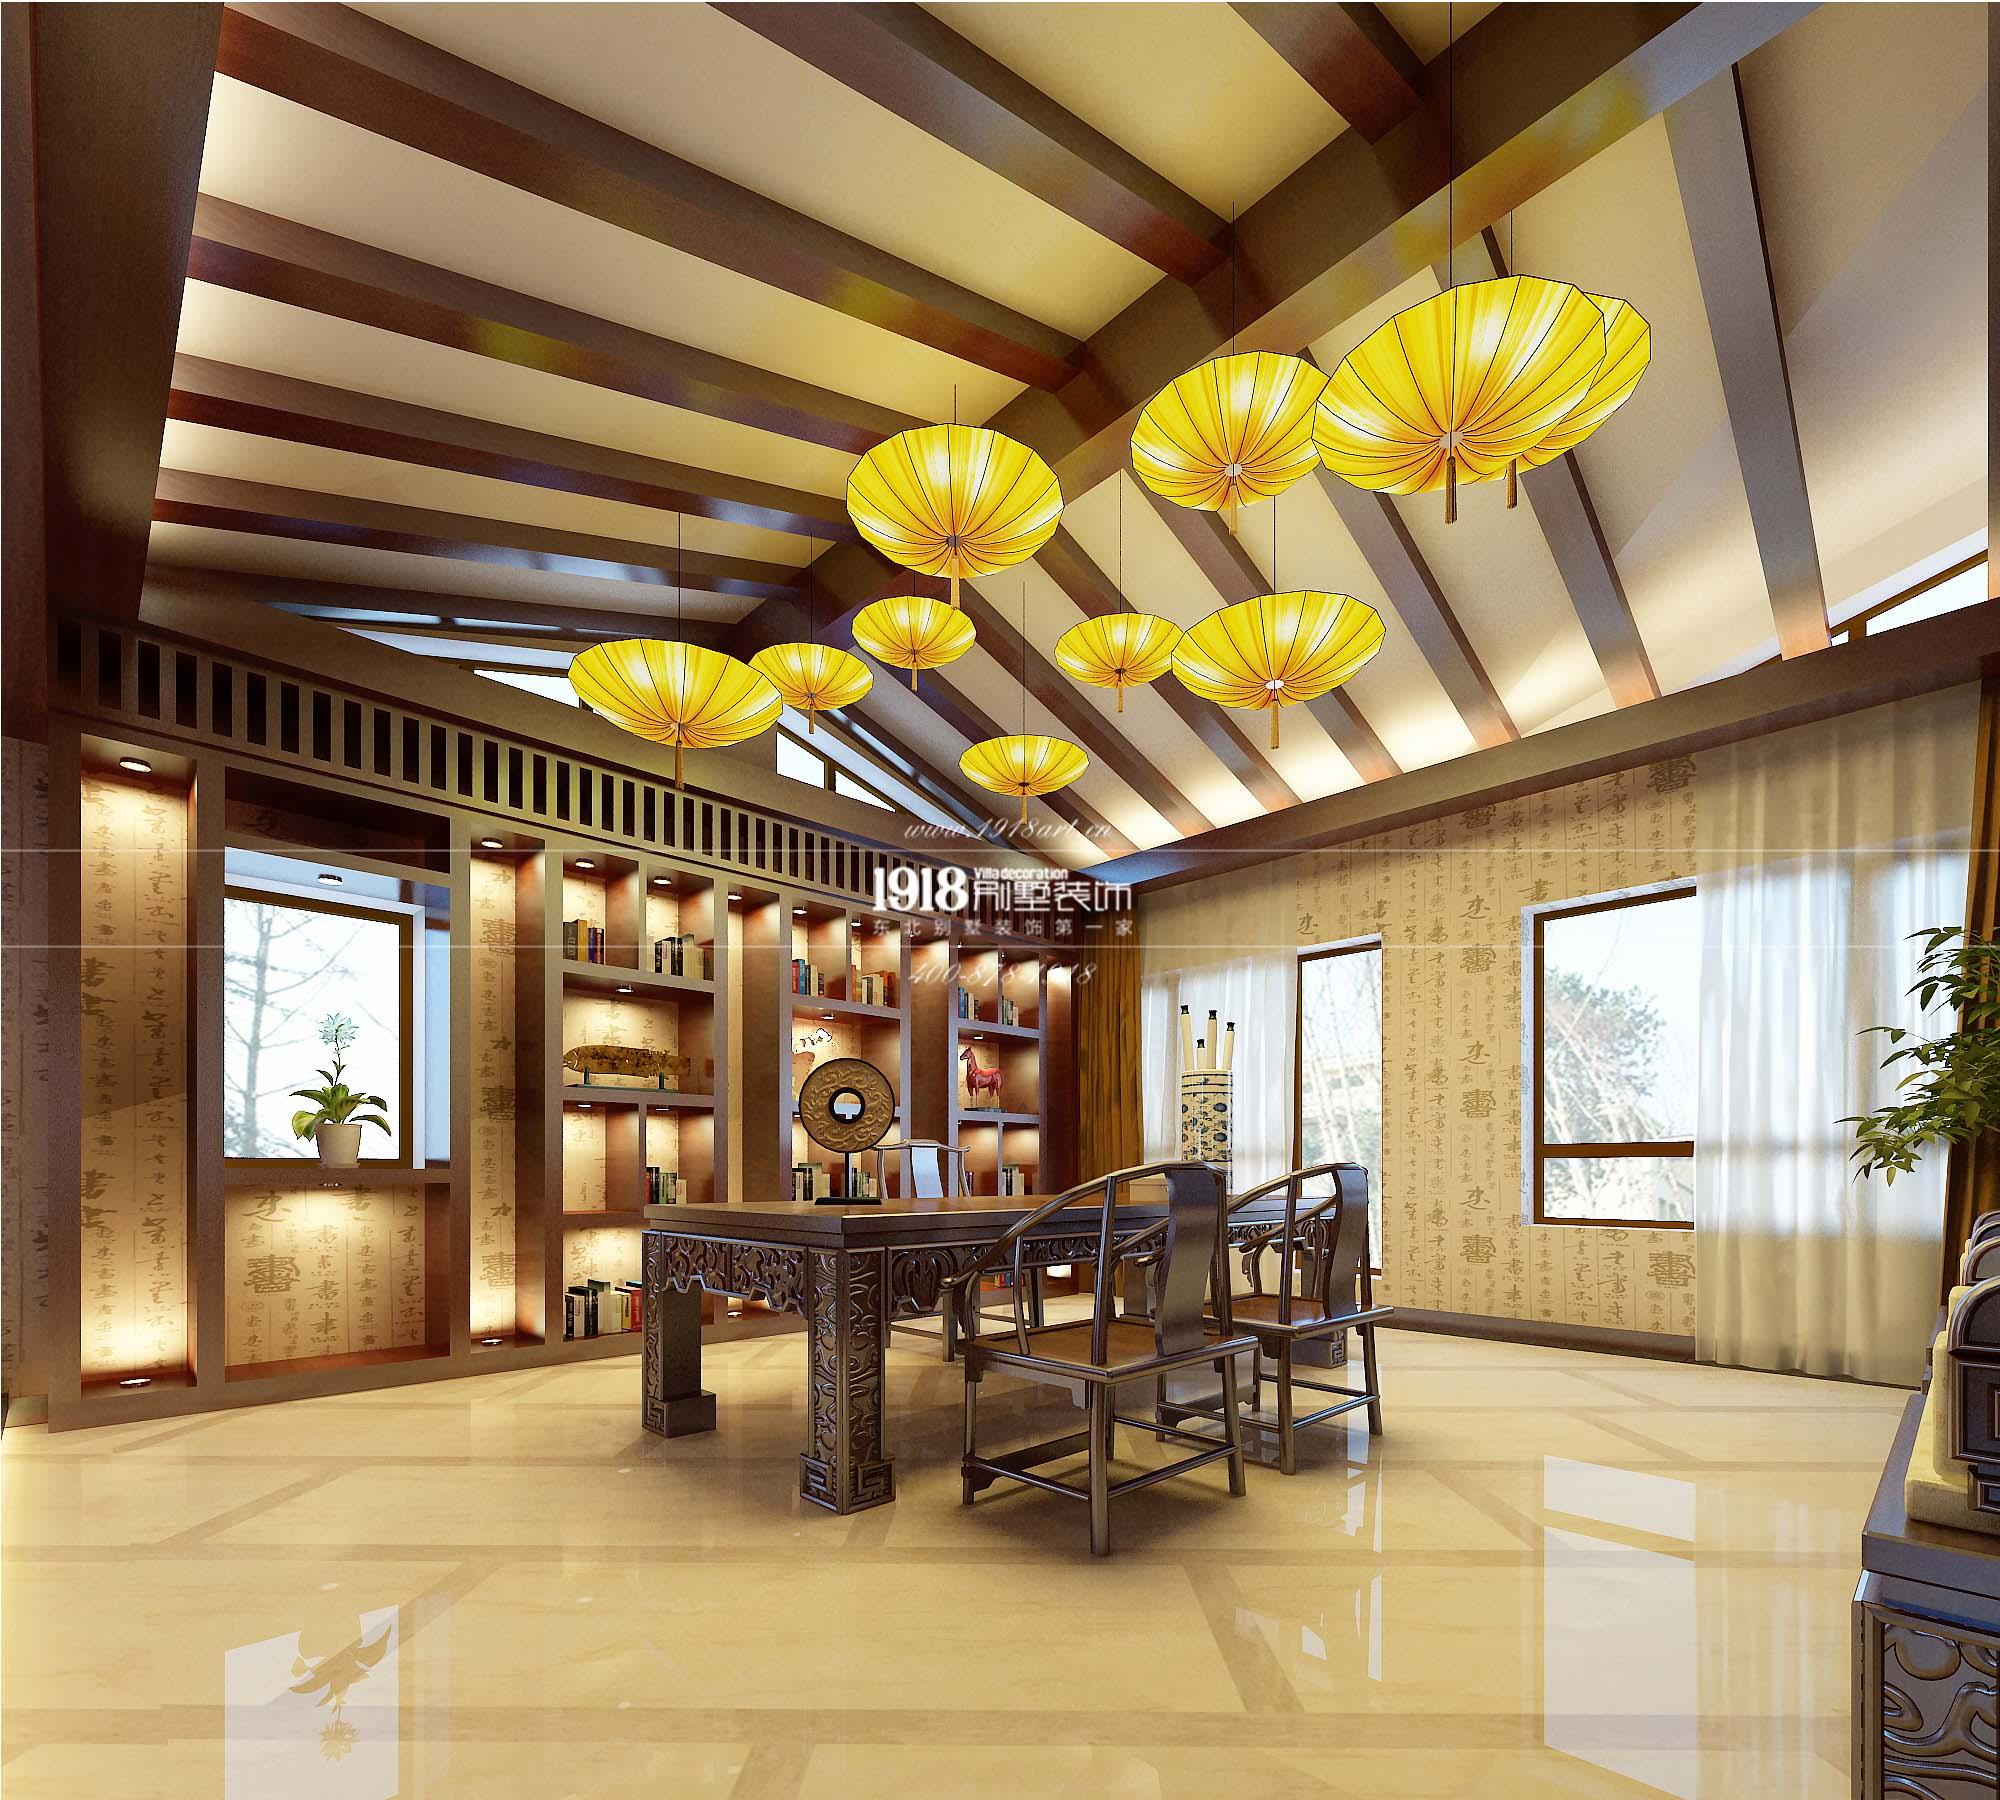 新中式风格大宅赏析 锦州联排别墅装修效果图图片